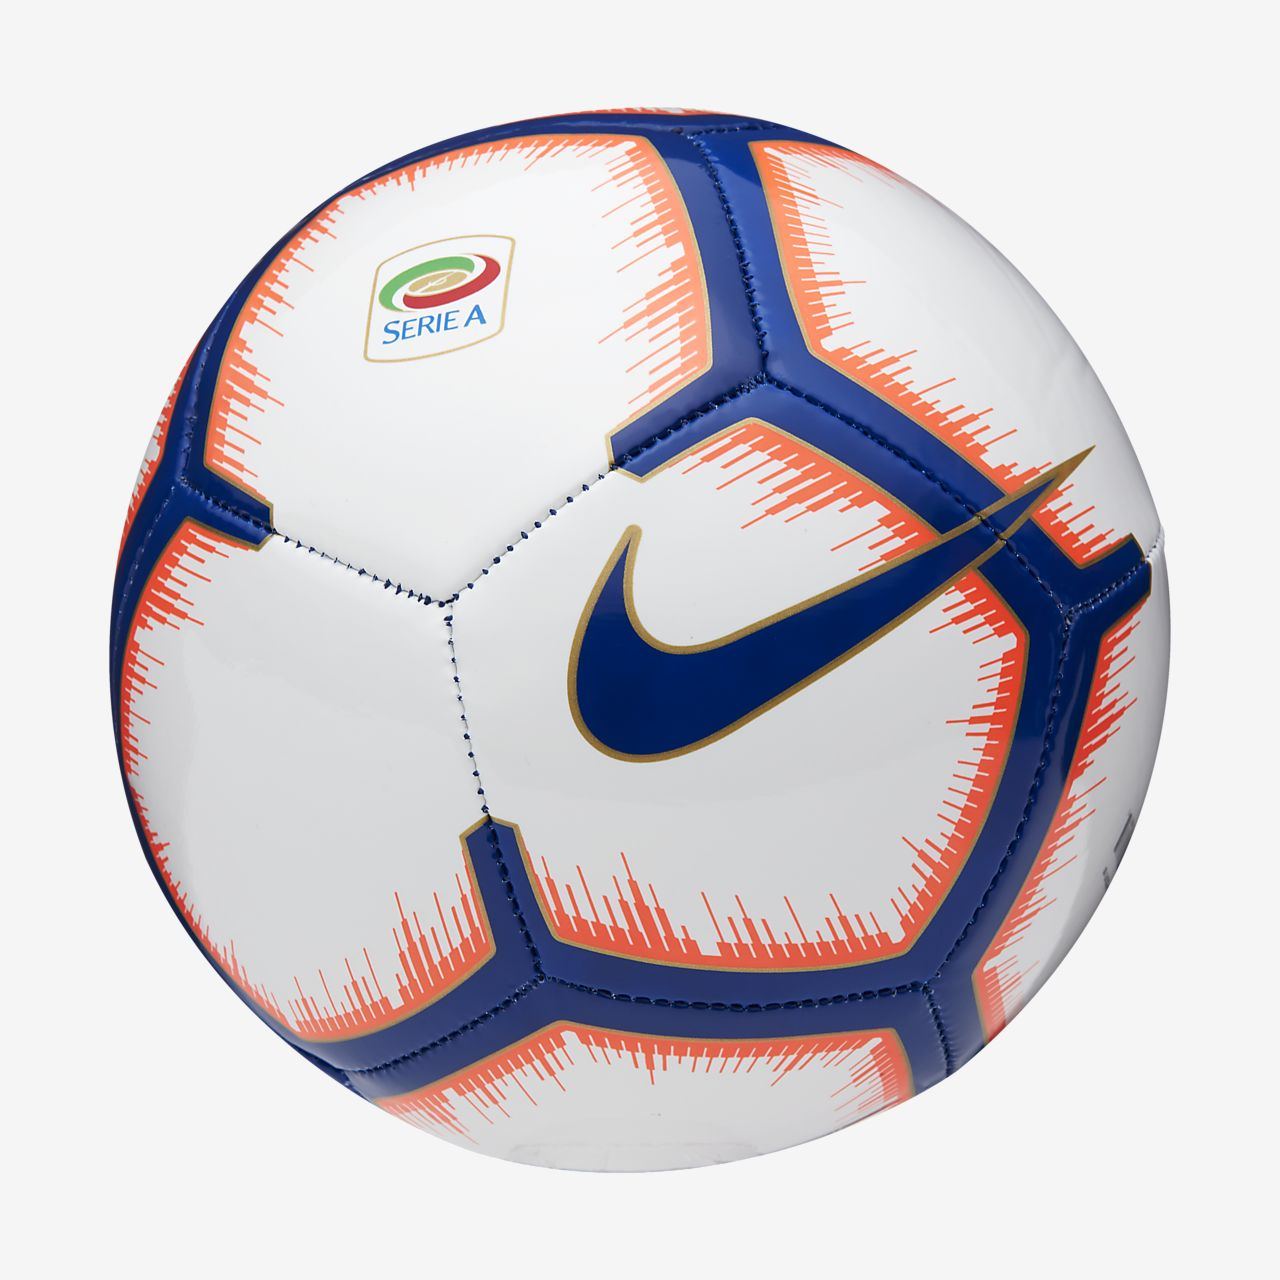 Μπάλα ποδοσφαίρου Serie A Skills